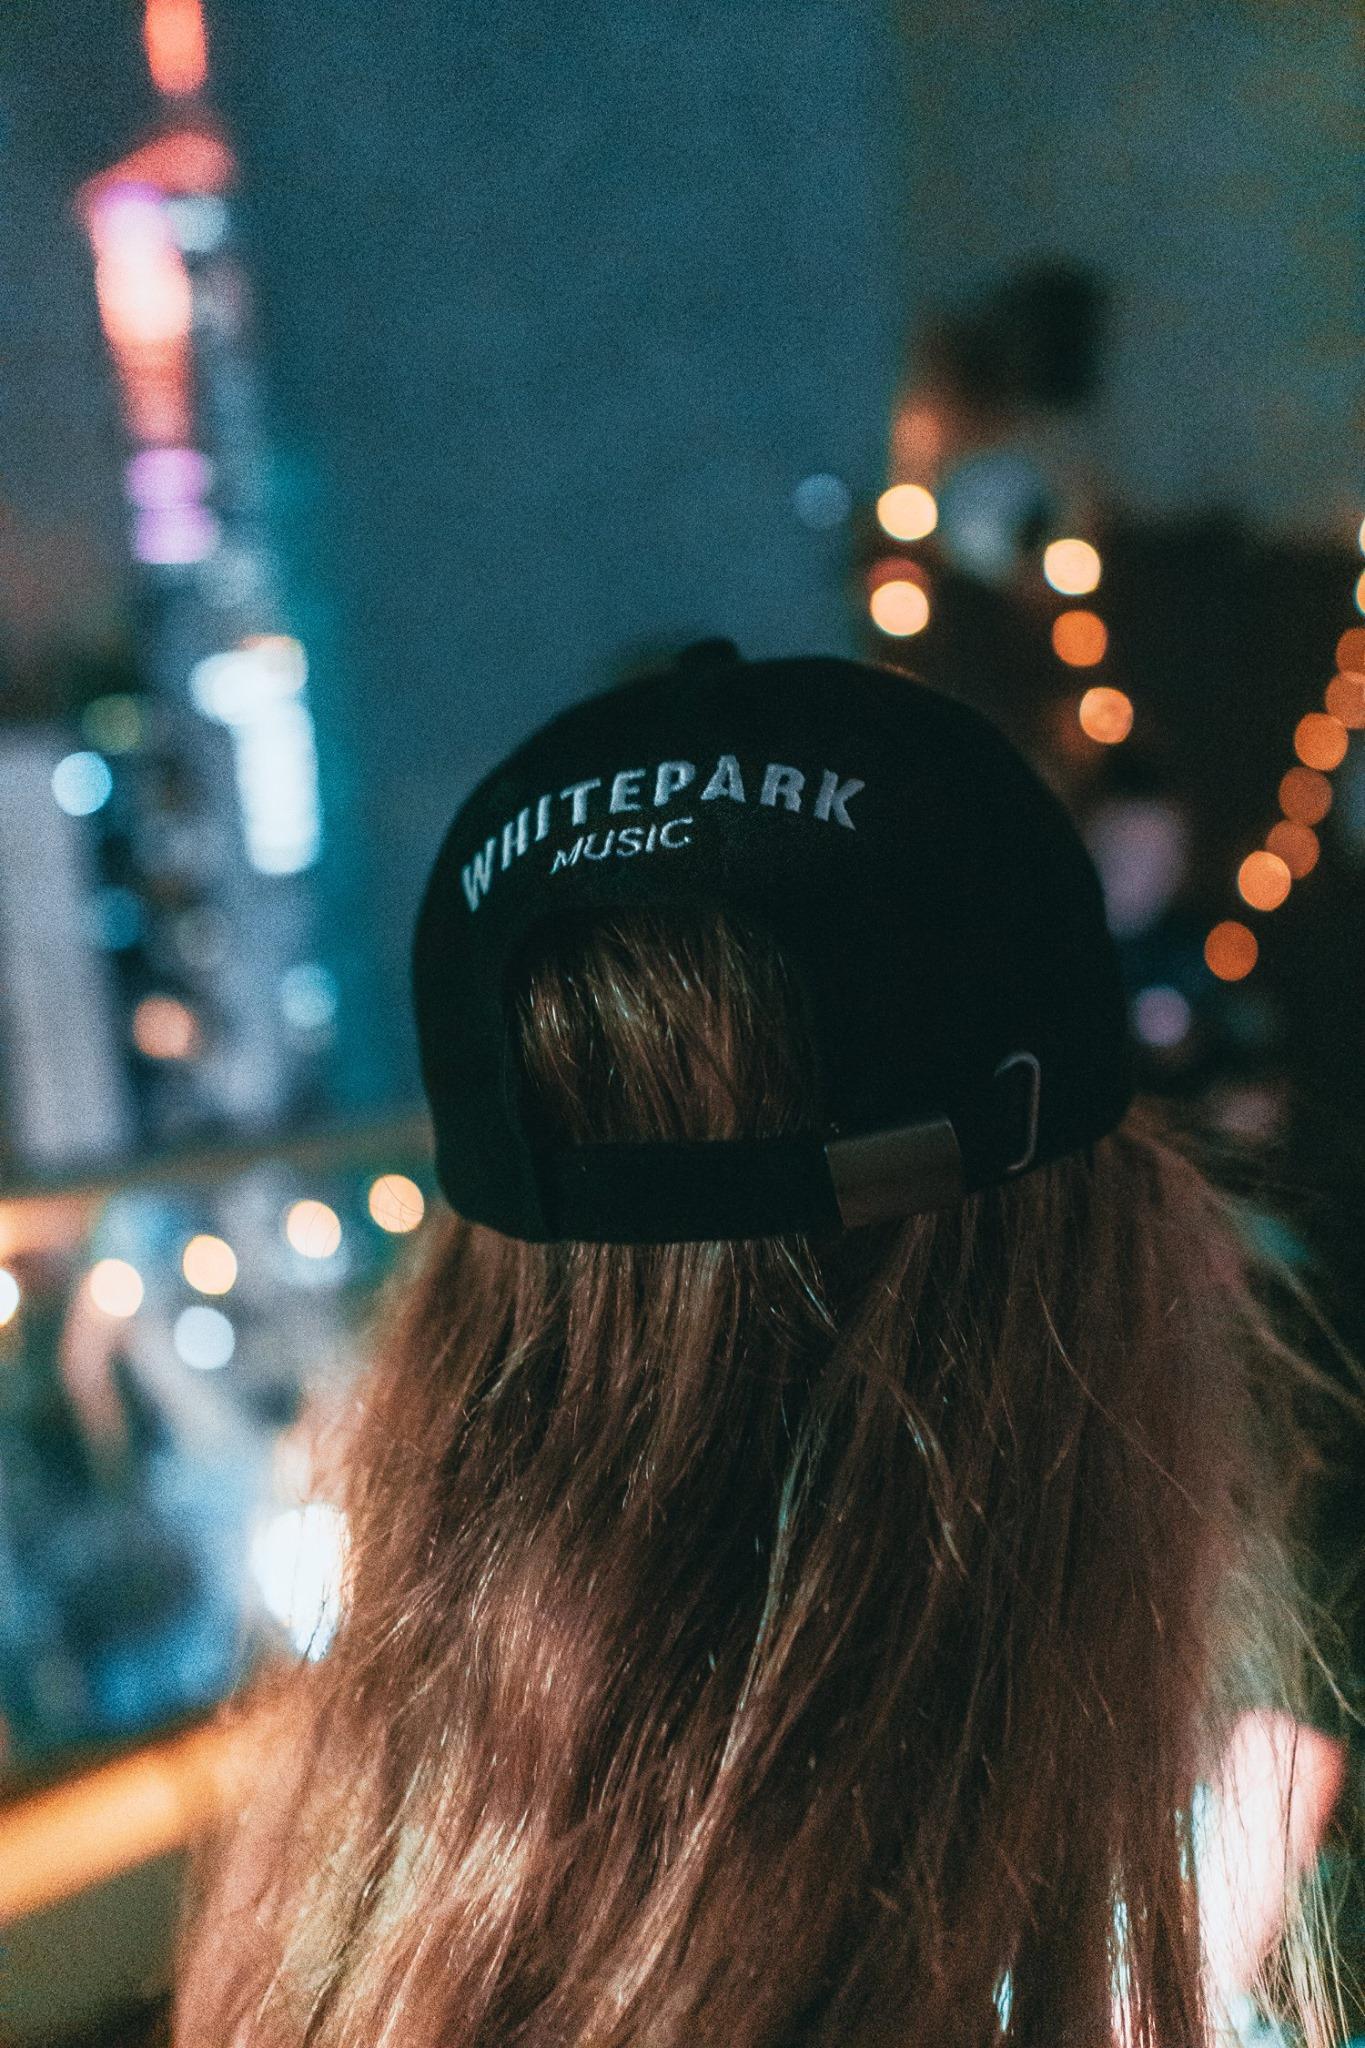 Whitepark_Cap.jpg